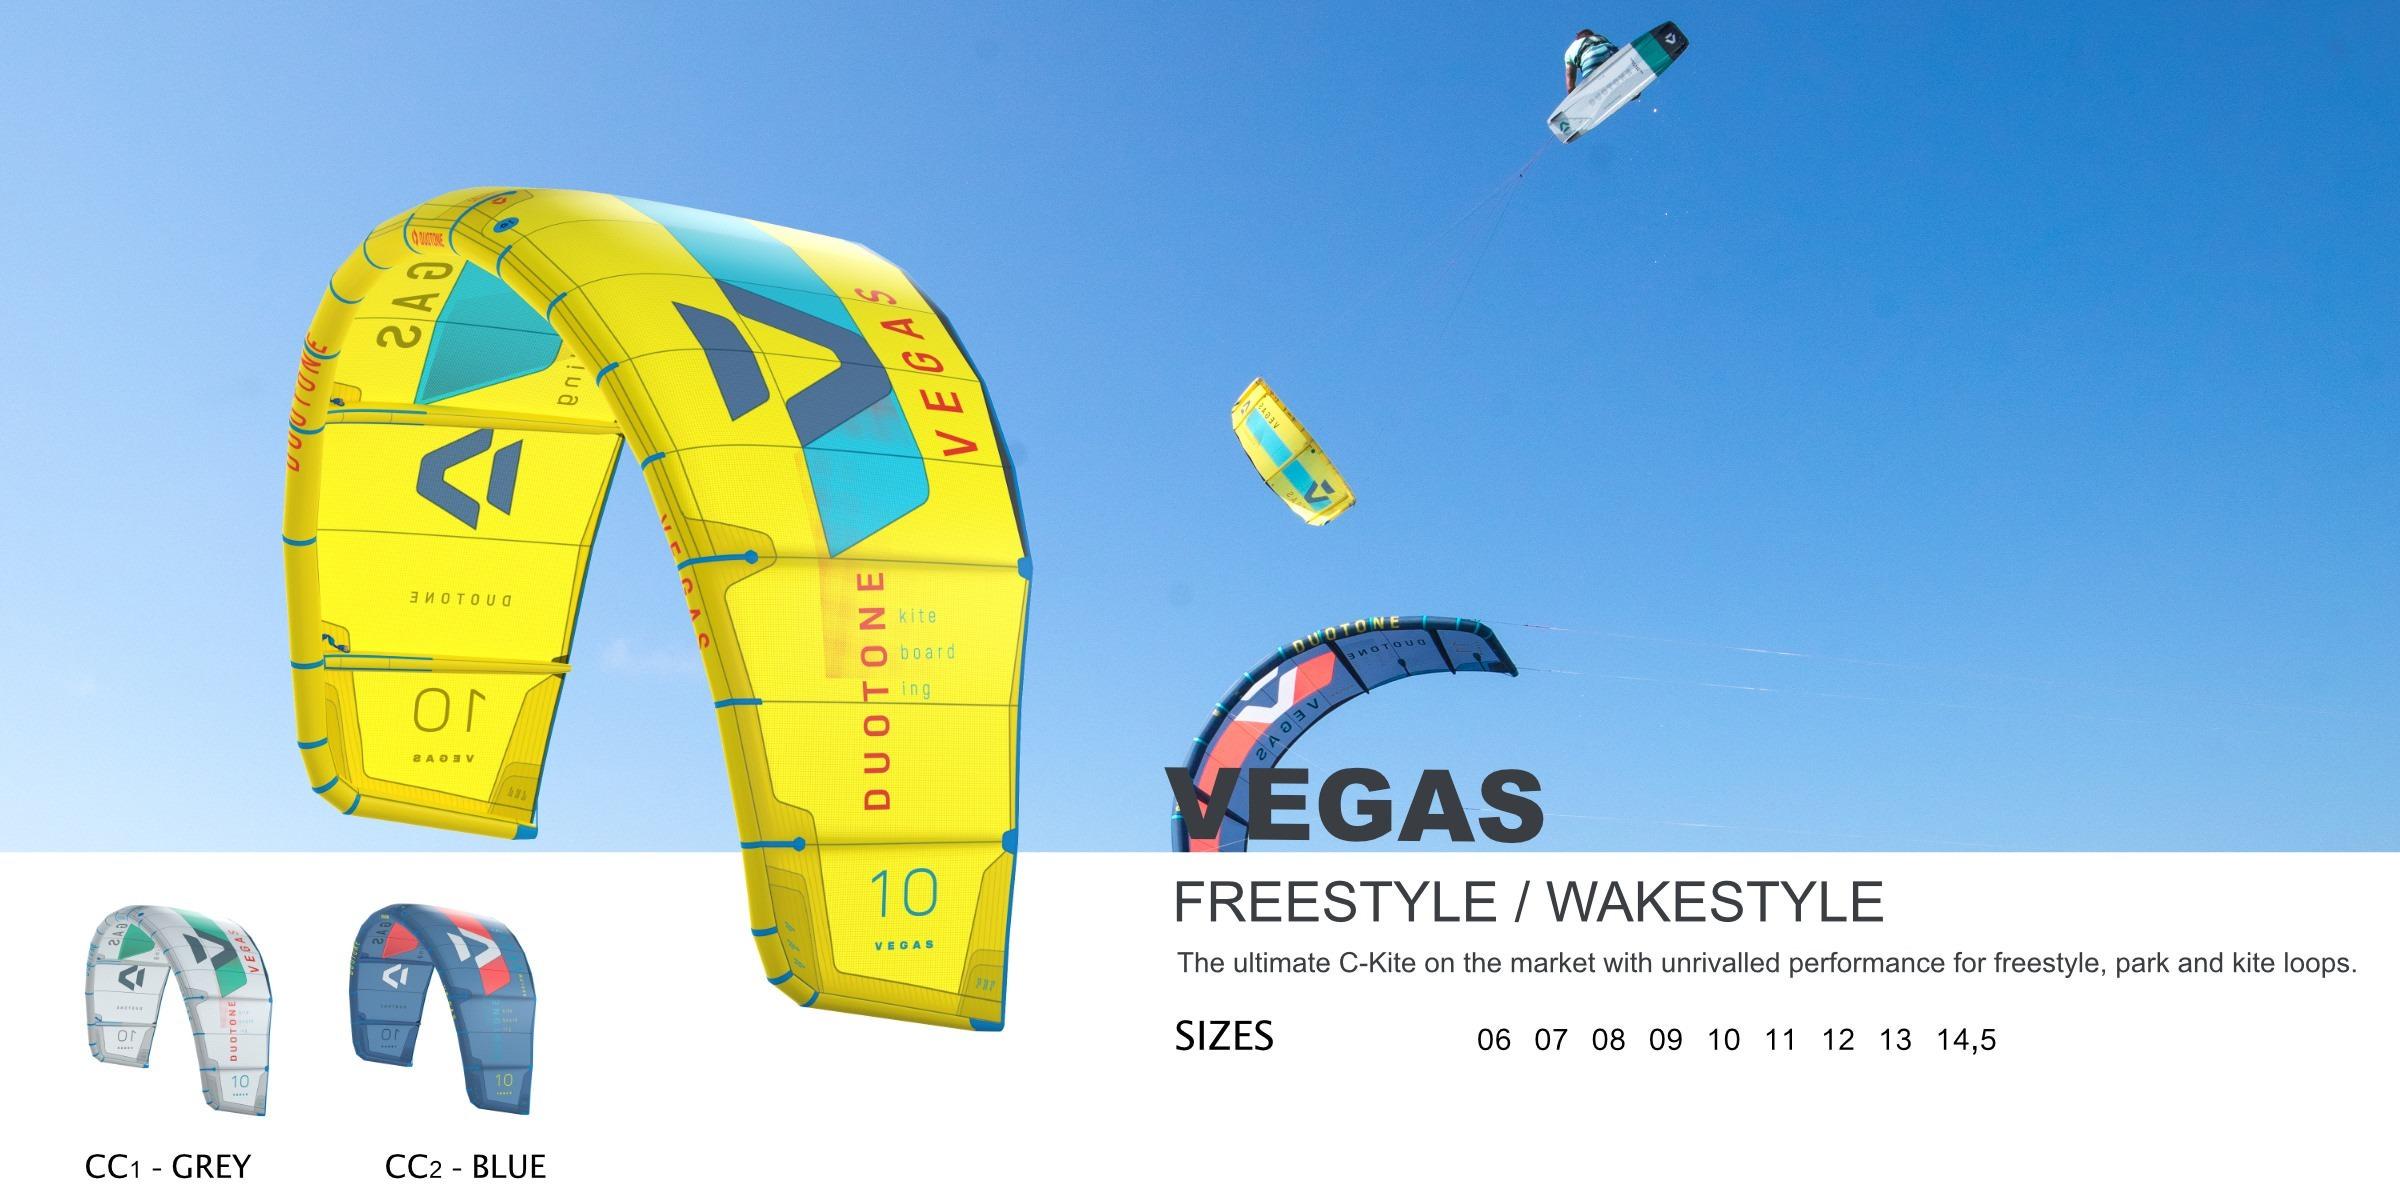 Vegas2020